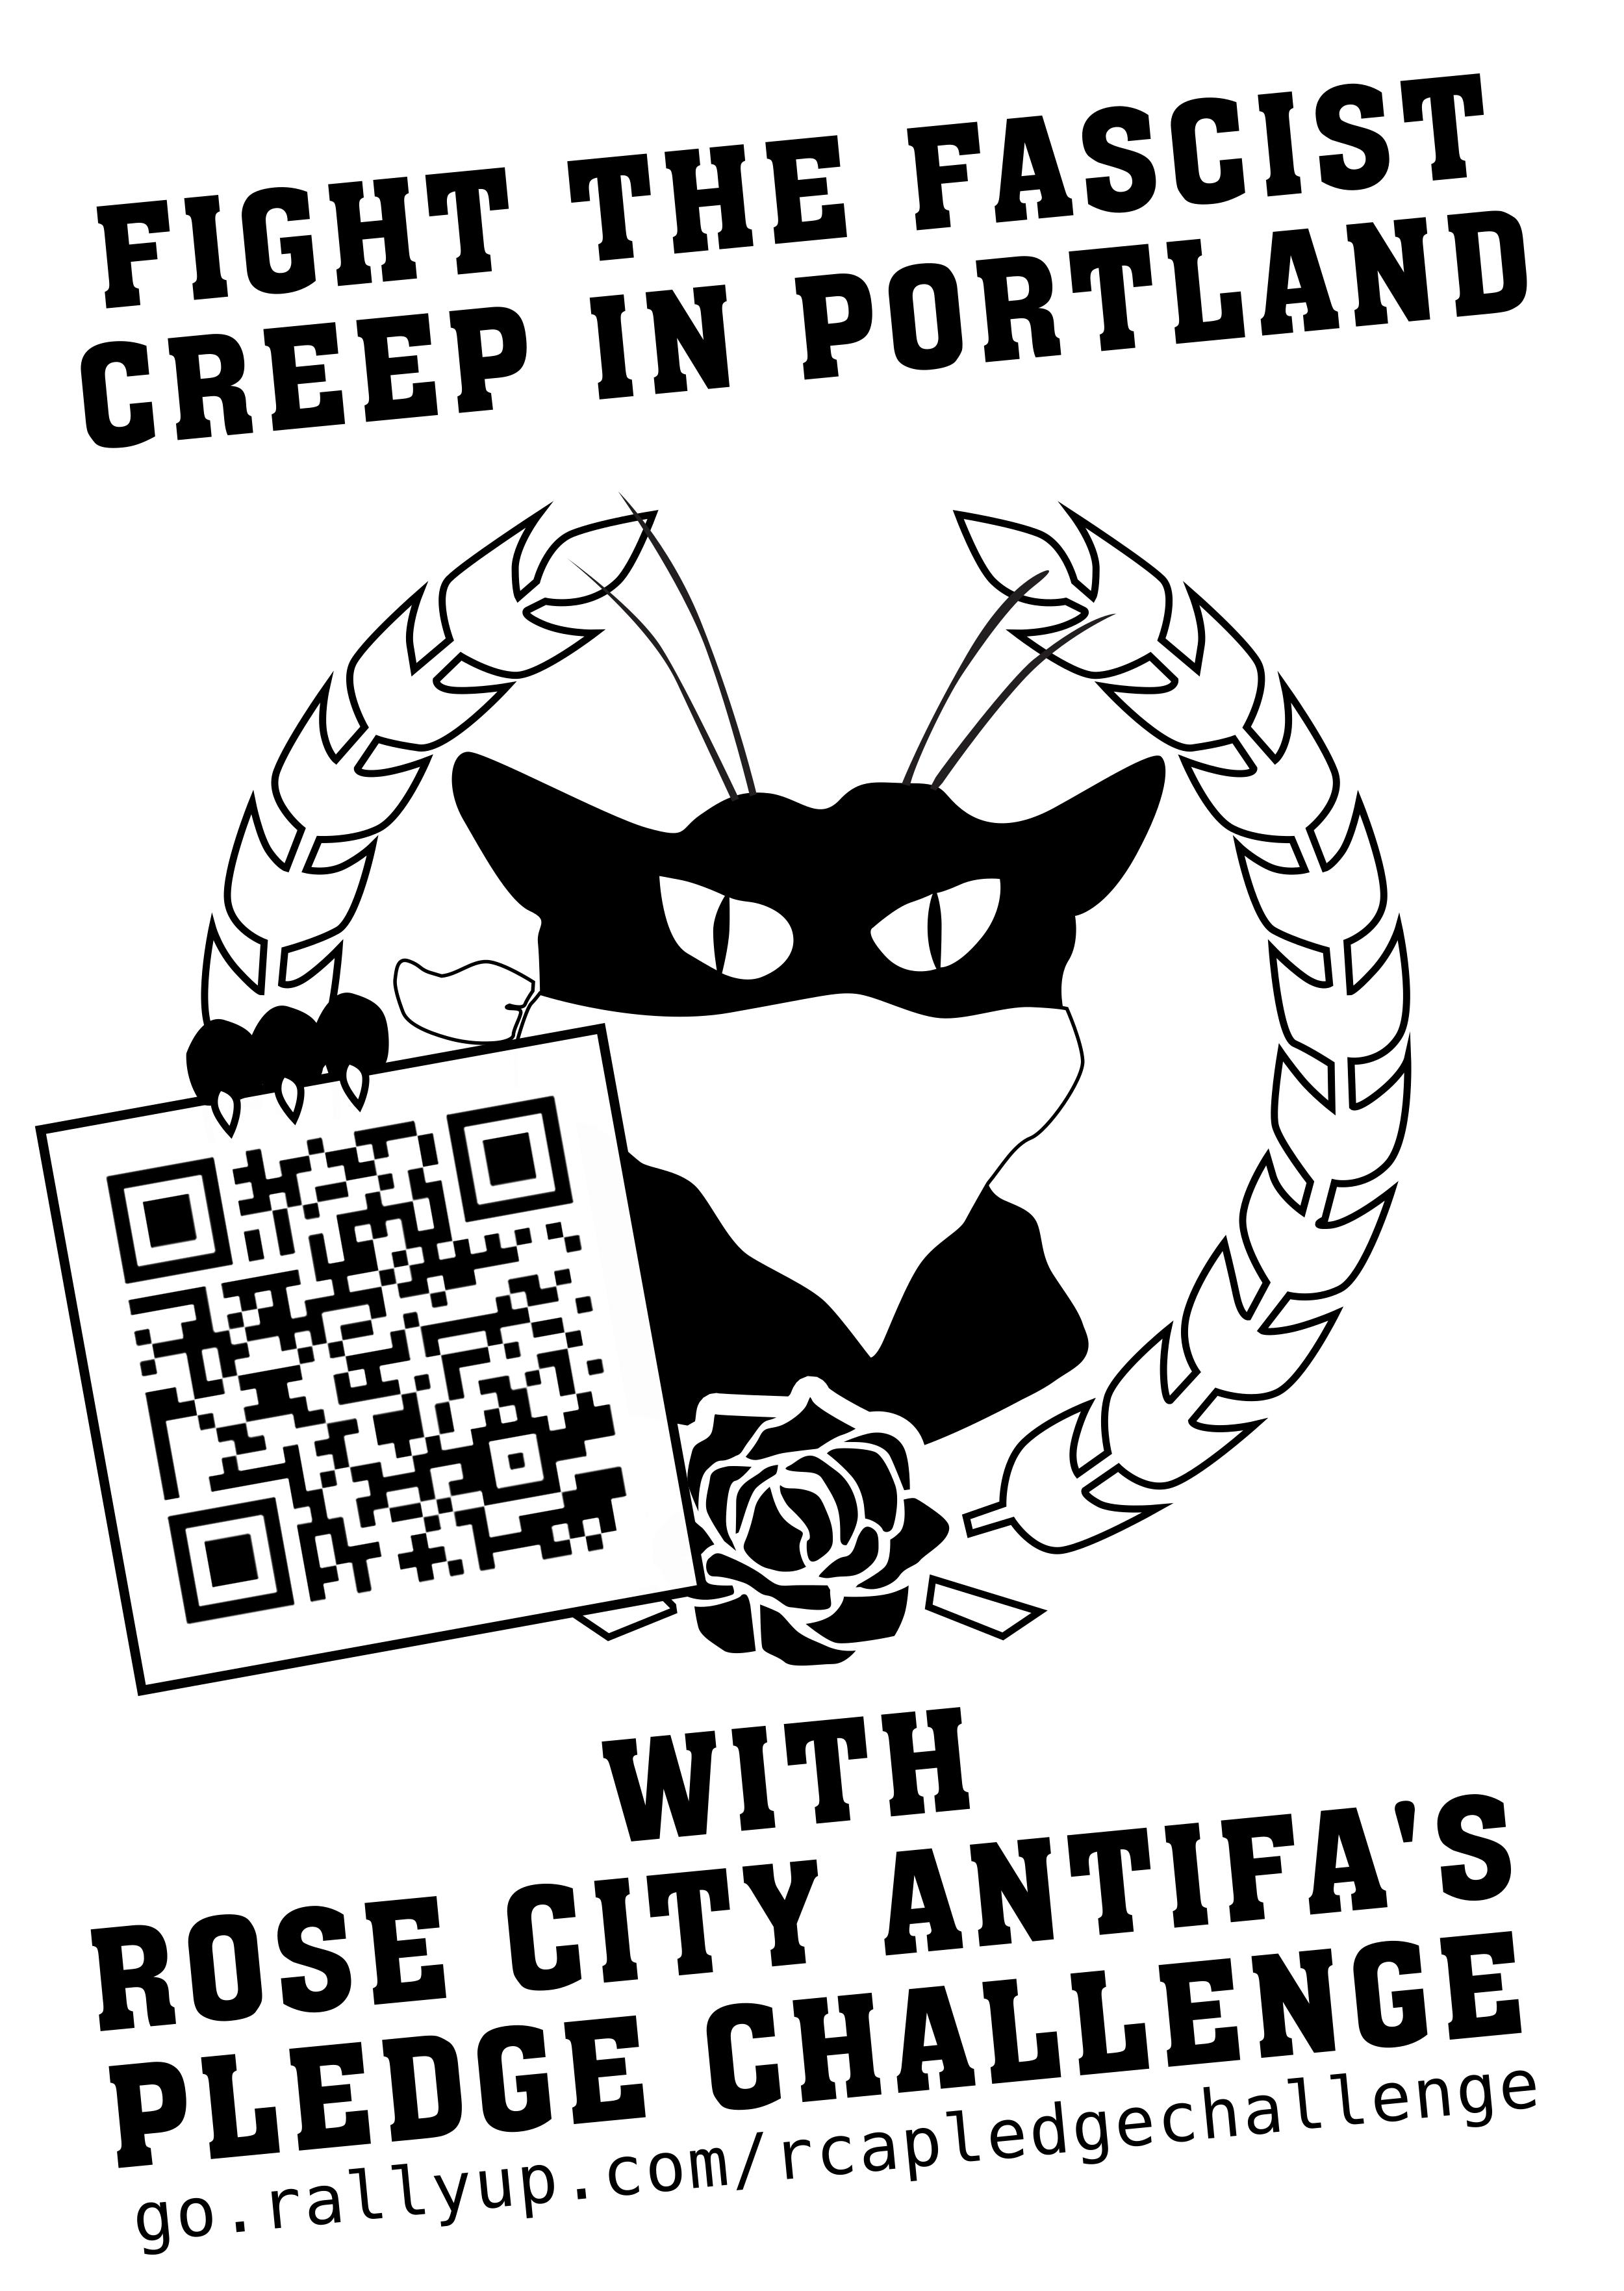 Rose City Antifa's Pledge Challenge!